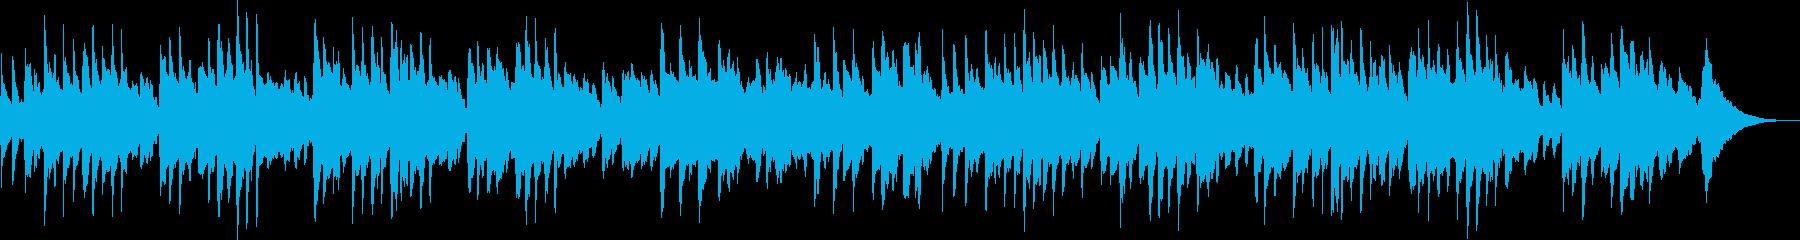 オルゴールの可愛い曲の再生済みの波形